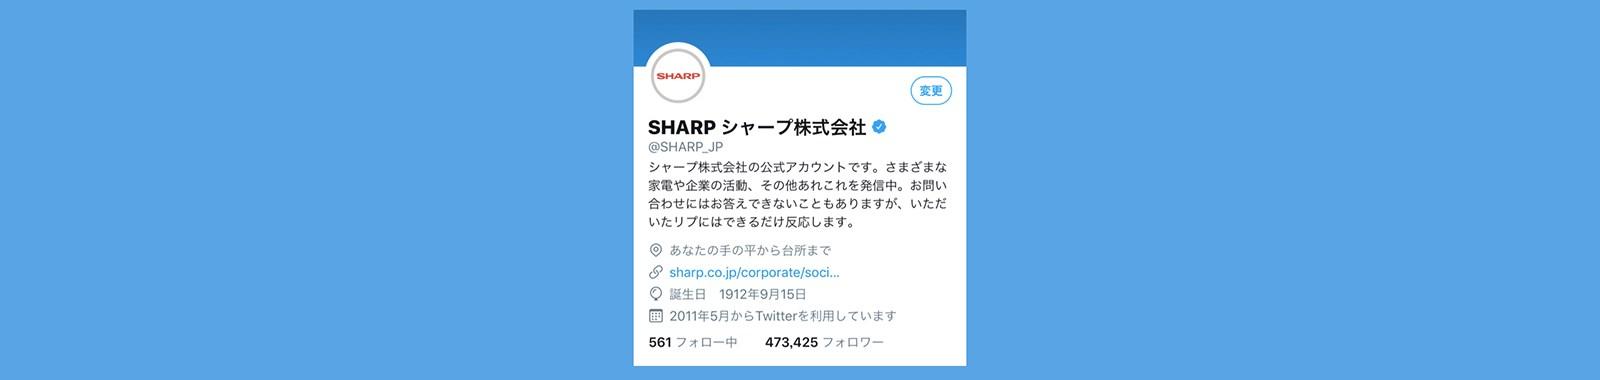 sharp_jp-eye